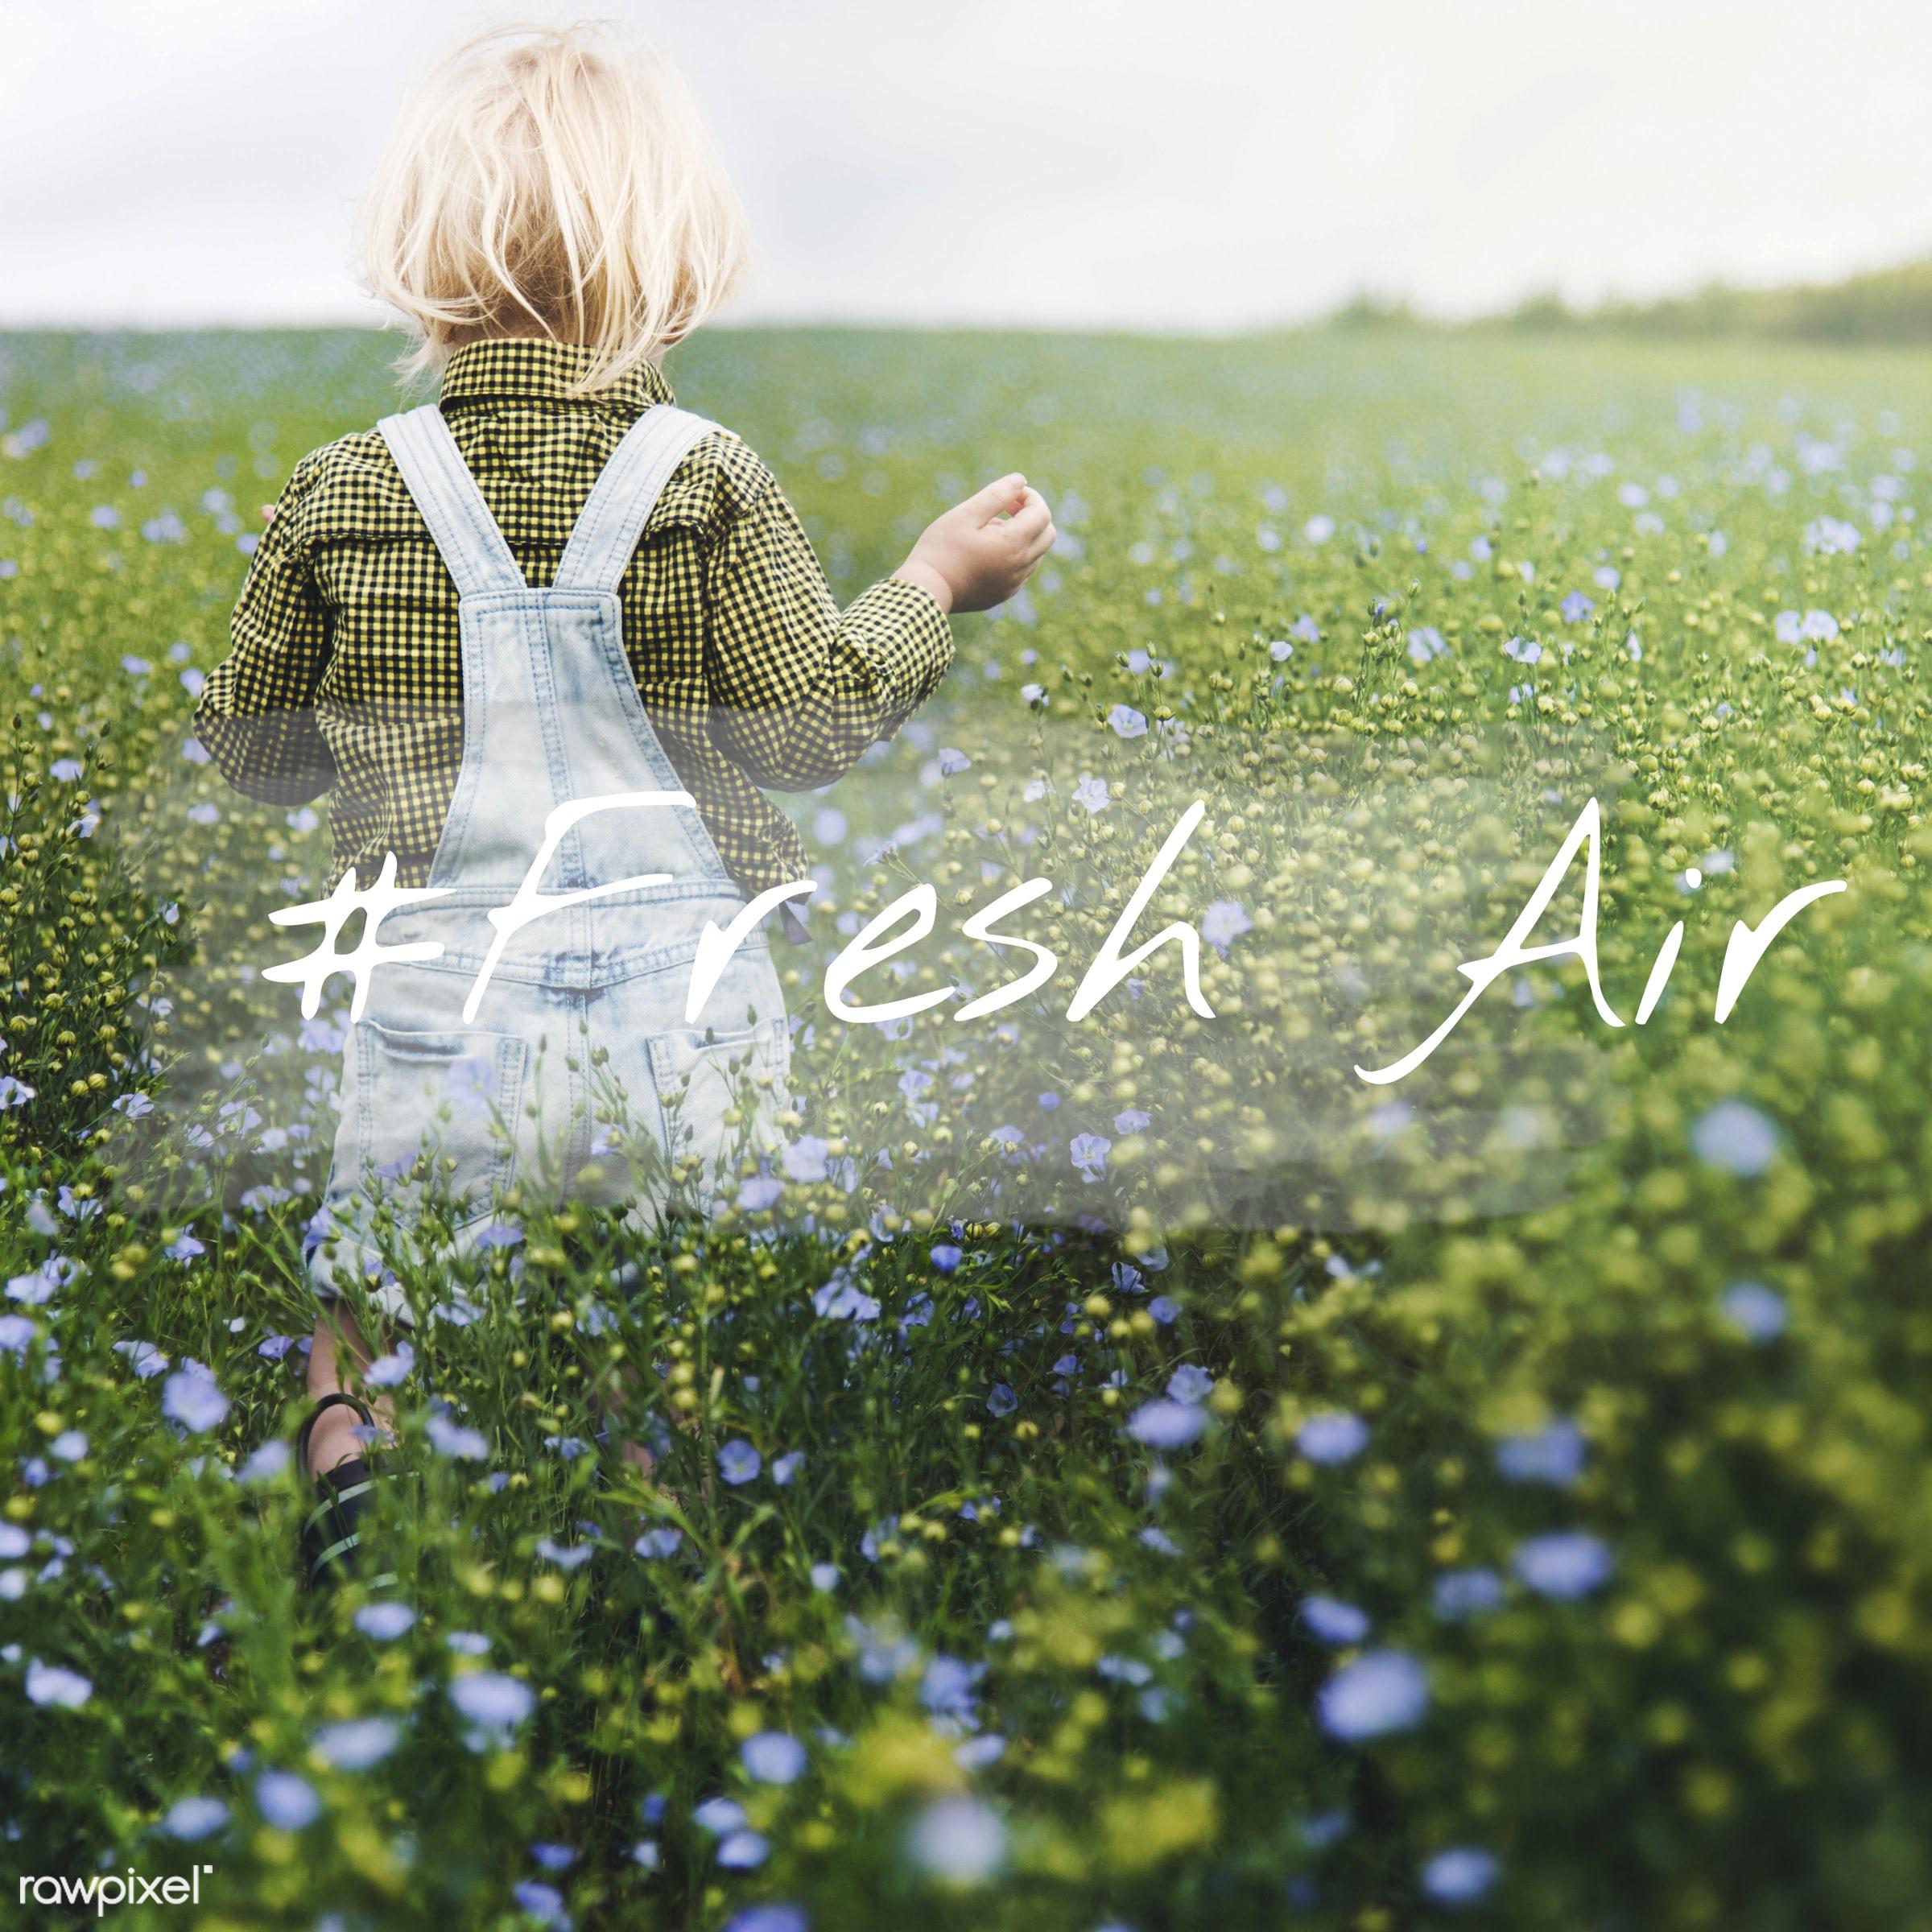 adorable, blonde, boy, caucasian, childhood, dungarees, enjoyment, environment, flower garden, flowers, fresh air, garden,...